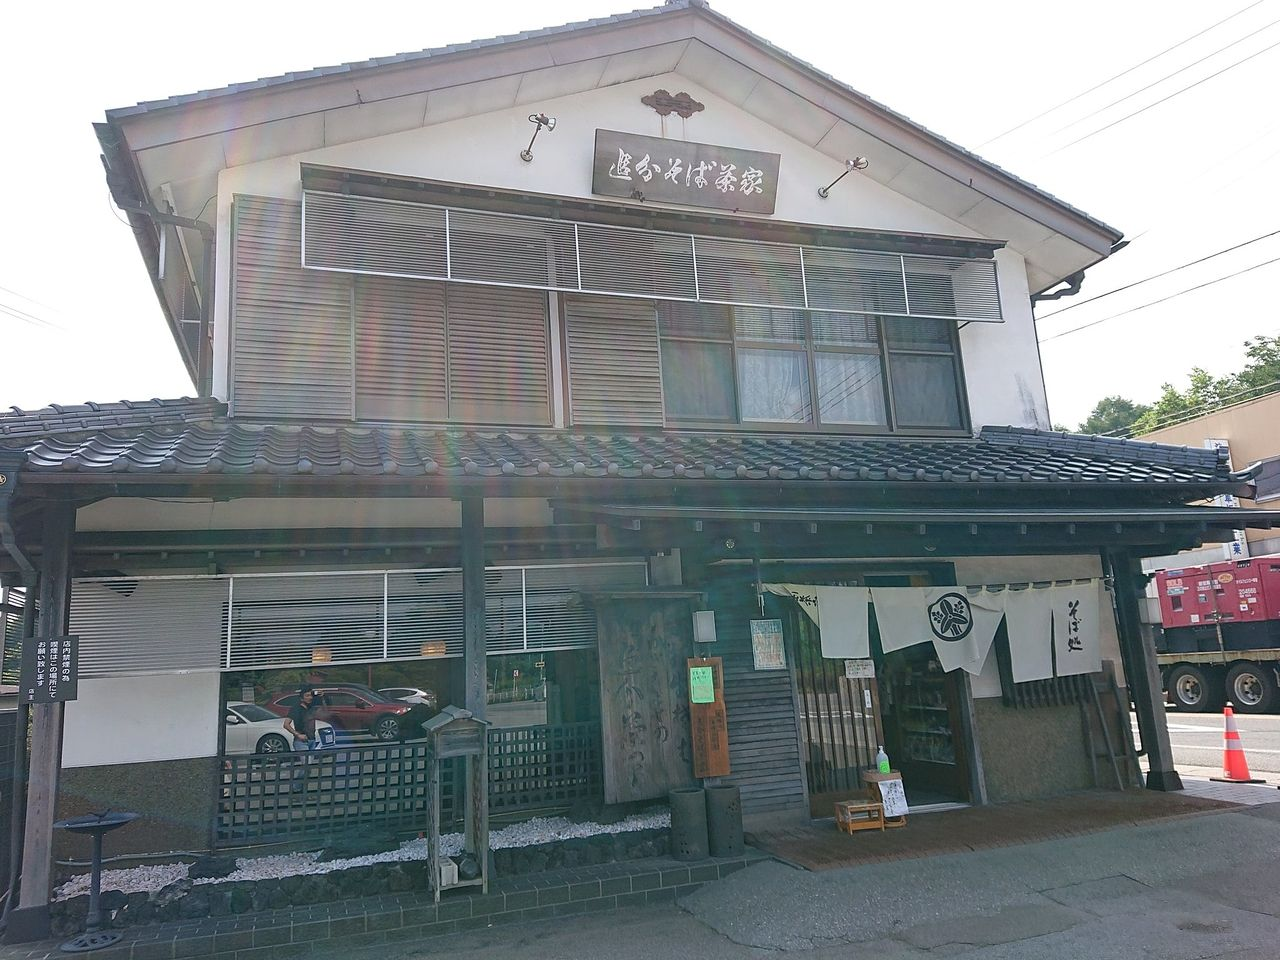 軽井沢グルメ 蕎麦「追分そば茶屋」 ランチ、ディナー